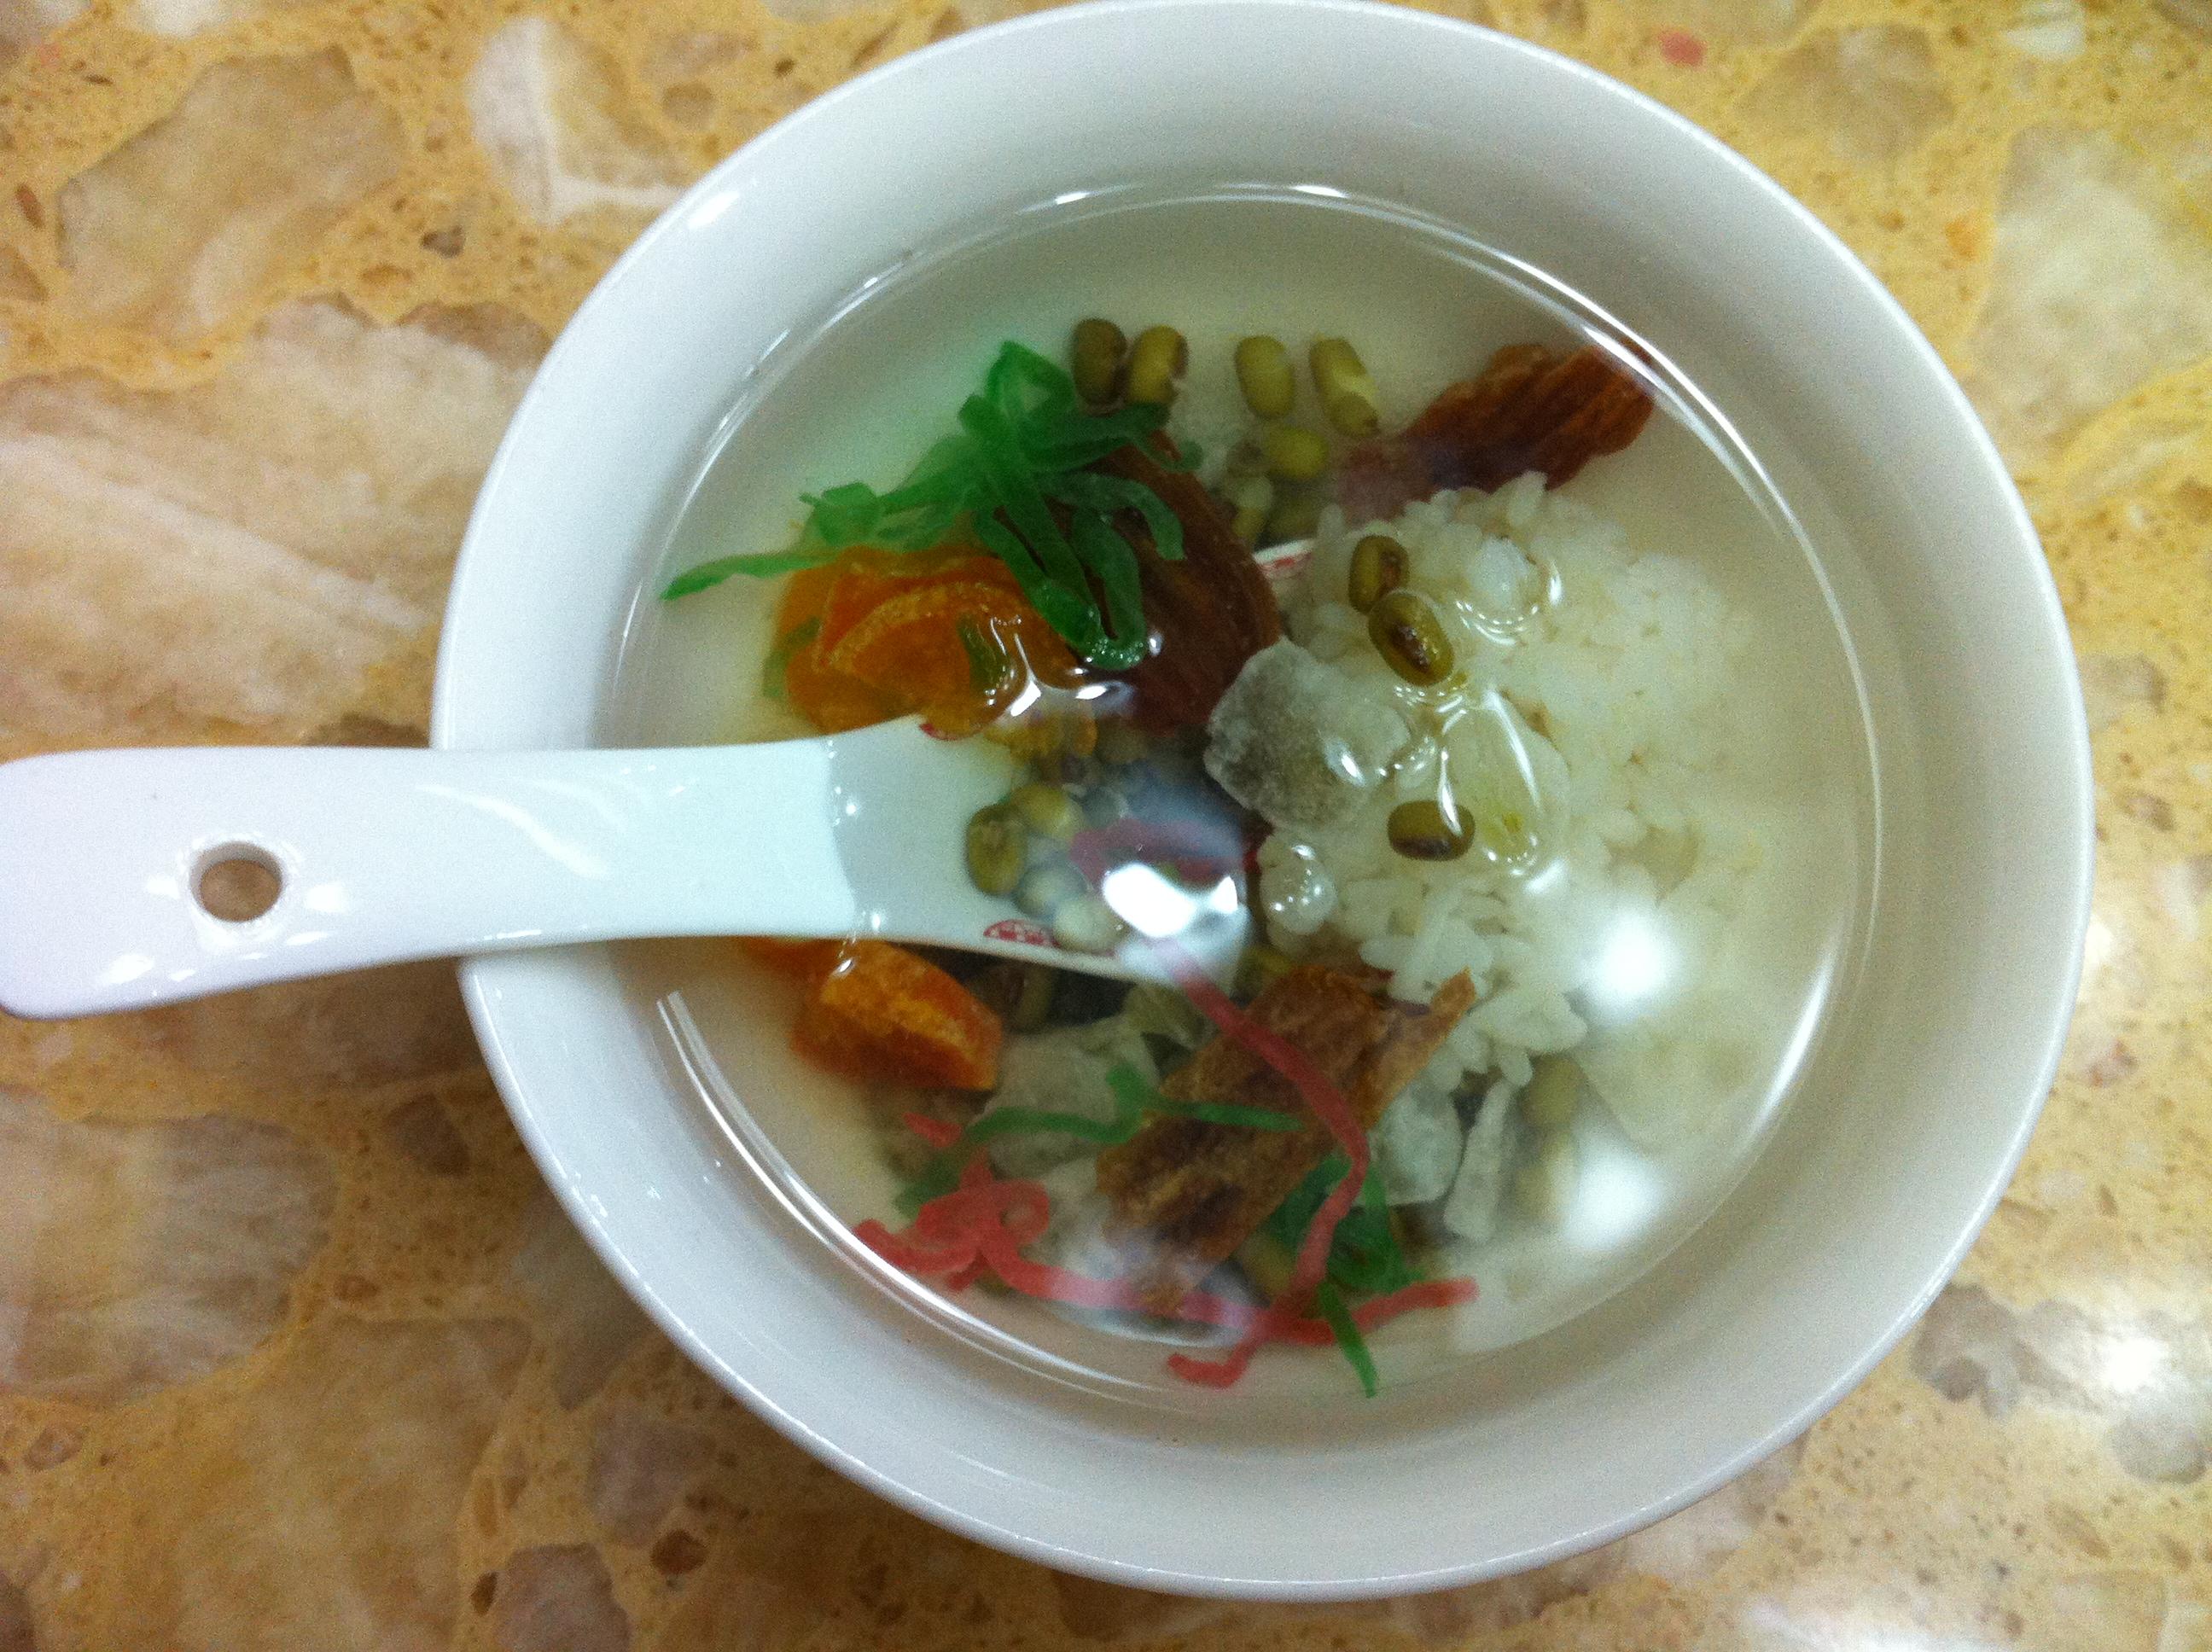 做一碗绿豆汤 - 蔷薇花开 - 蔷薇花开的博客